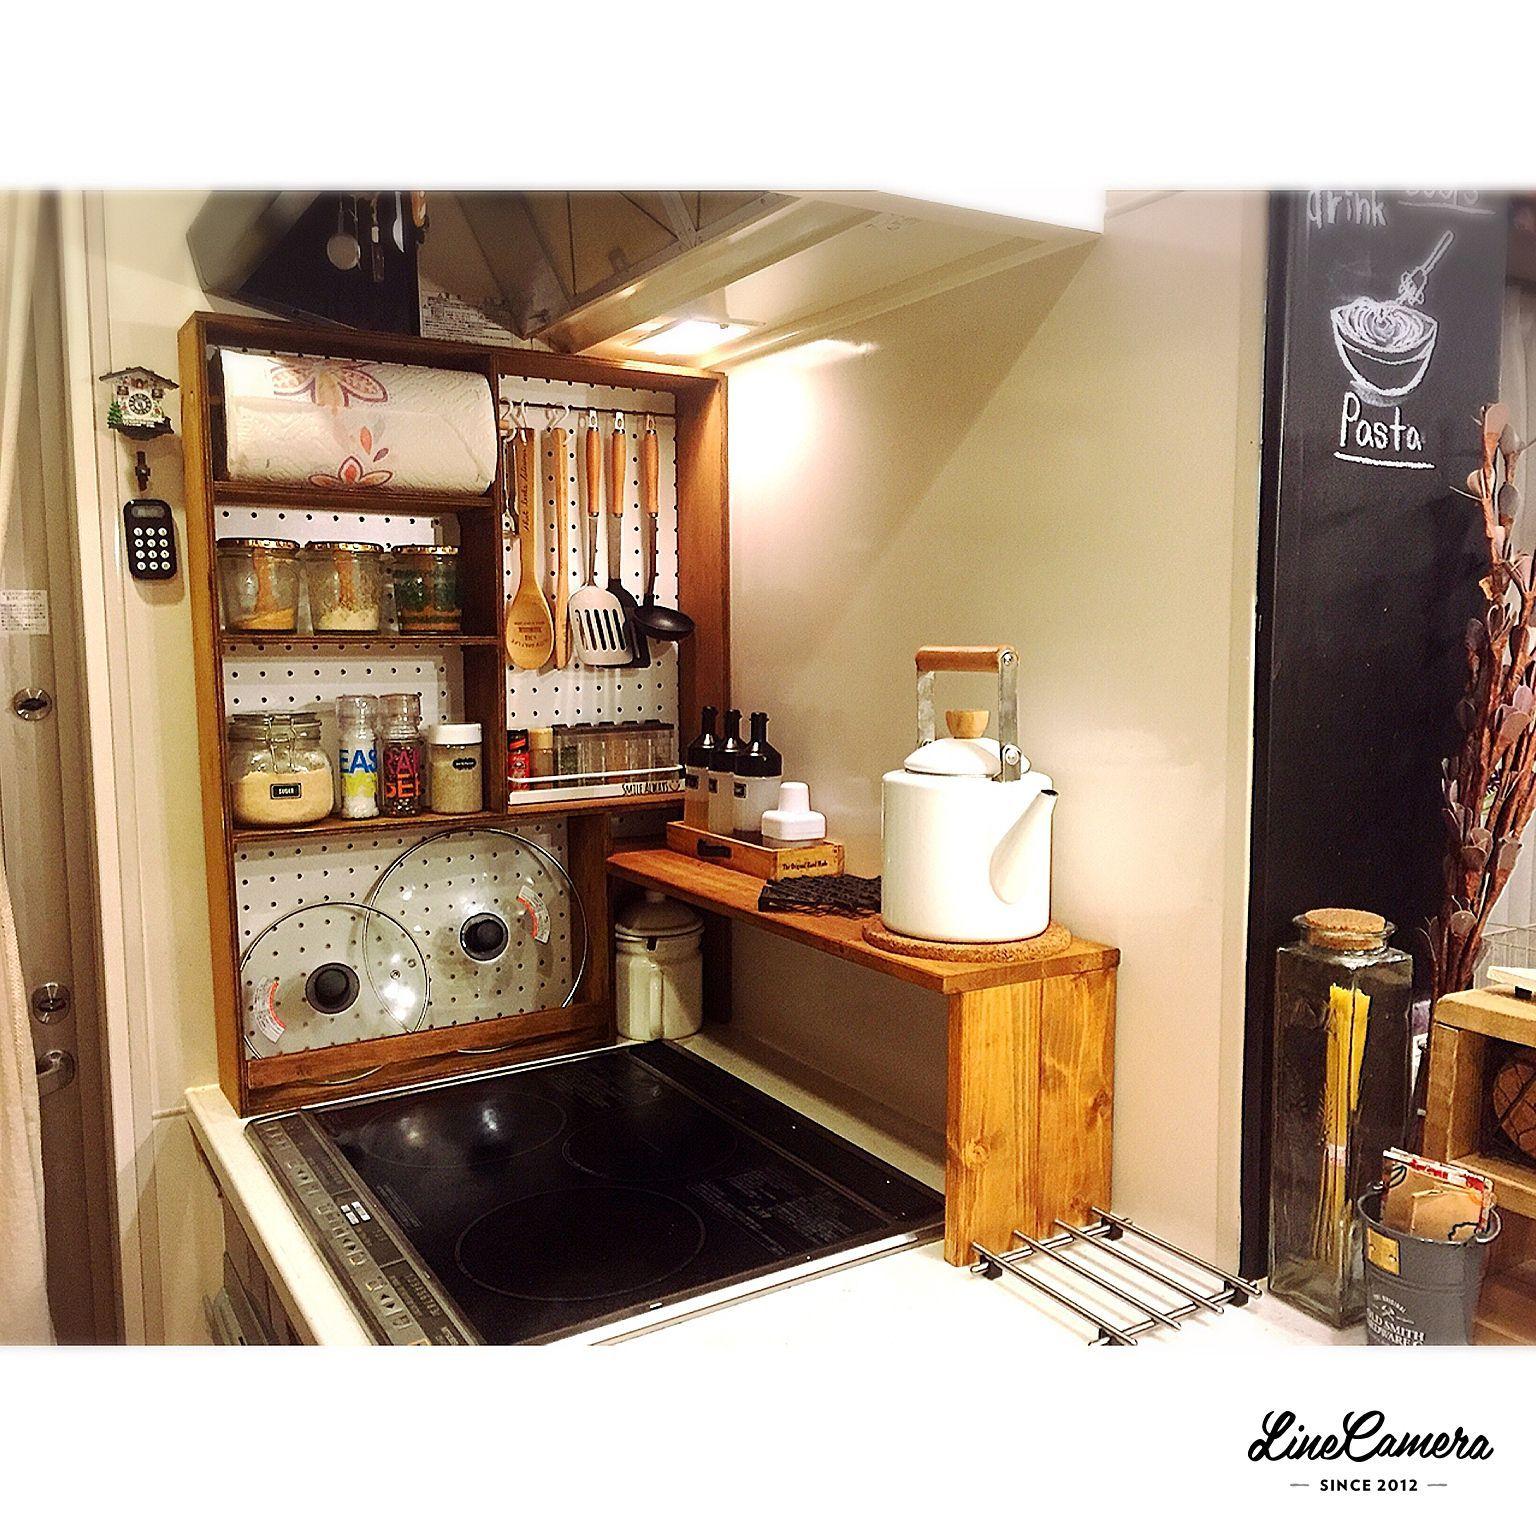 キッチン 収納棚 余った木材でdiy ニトリ 調味料ラック などのインテリア実例 2017 01 16 06 10 25 Roomclip ルームクリップ キッチンアイデア キッチンカウンター上収納 インテリア 収納